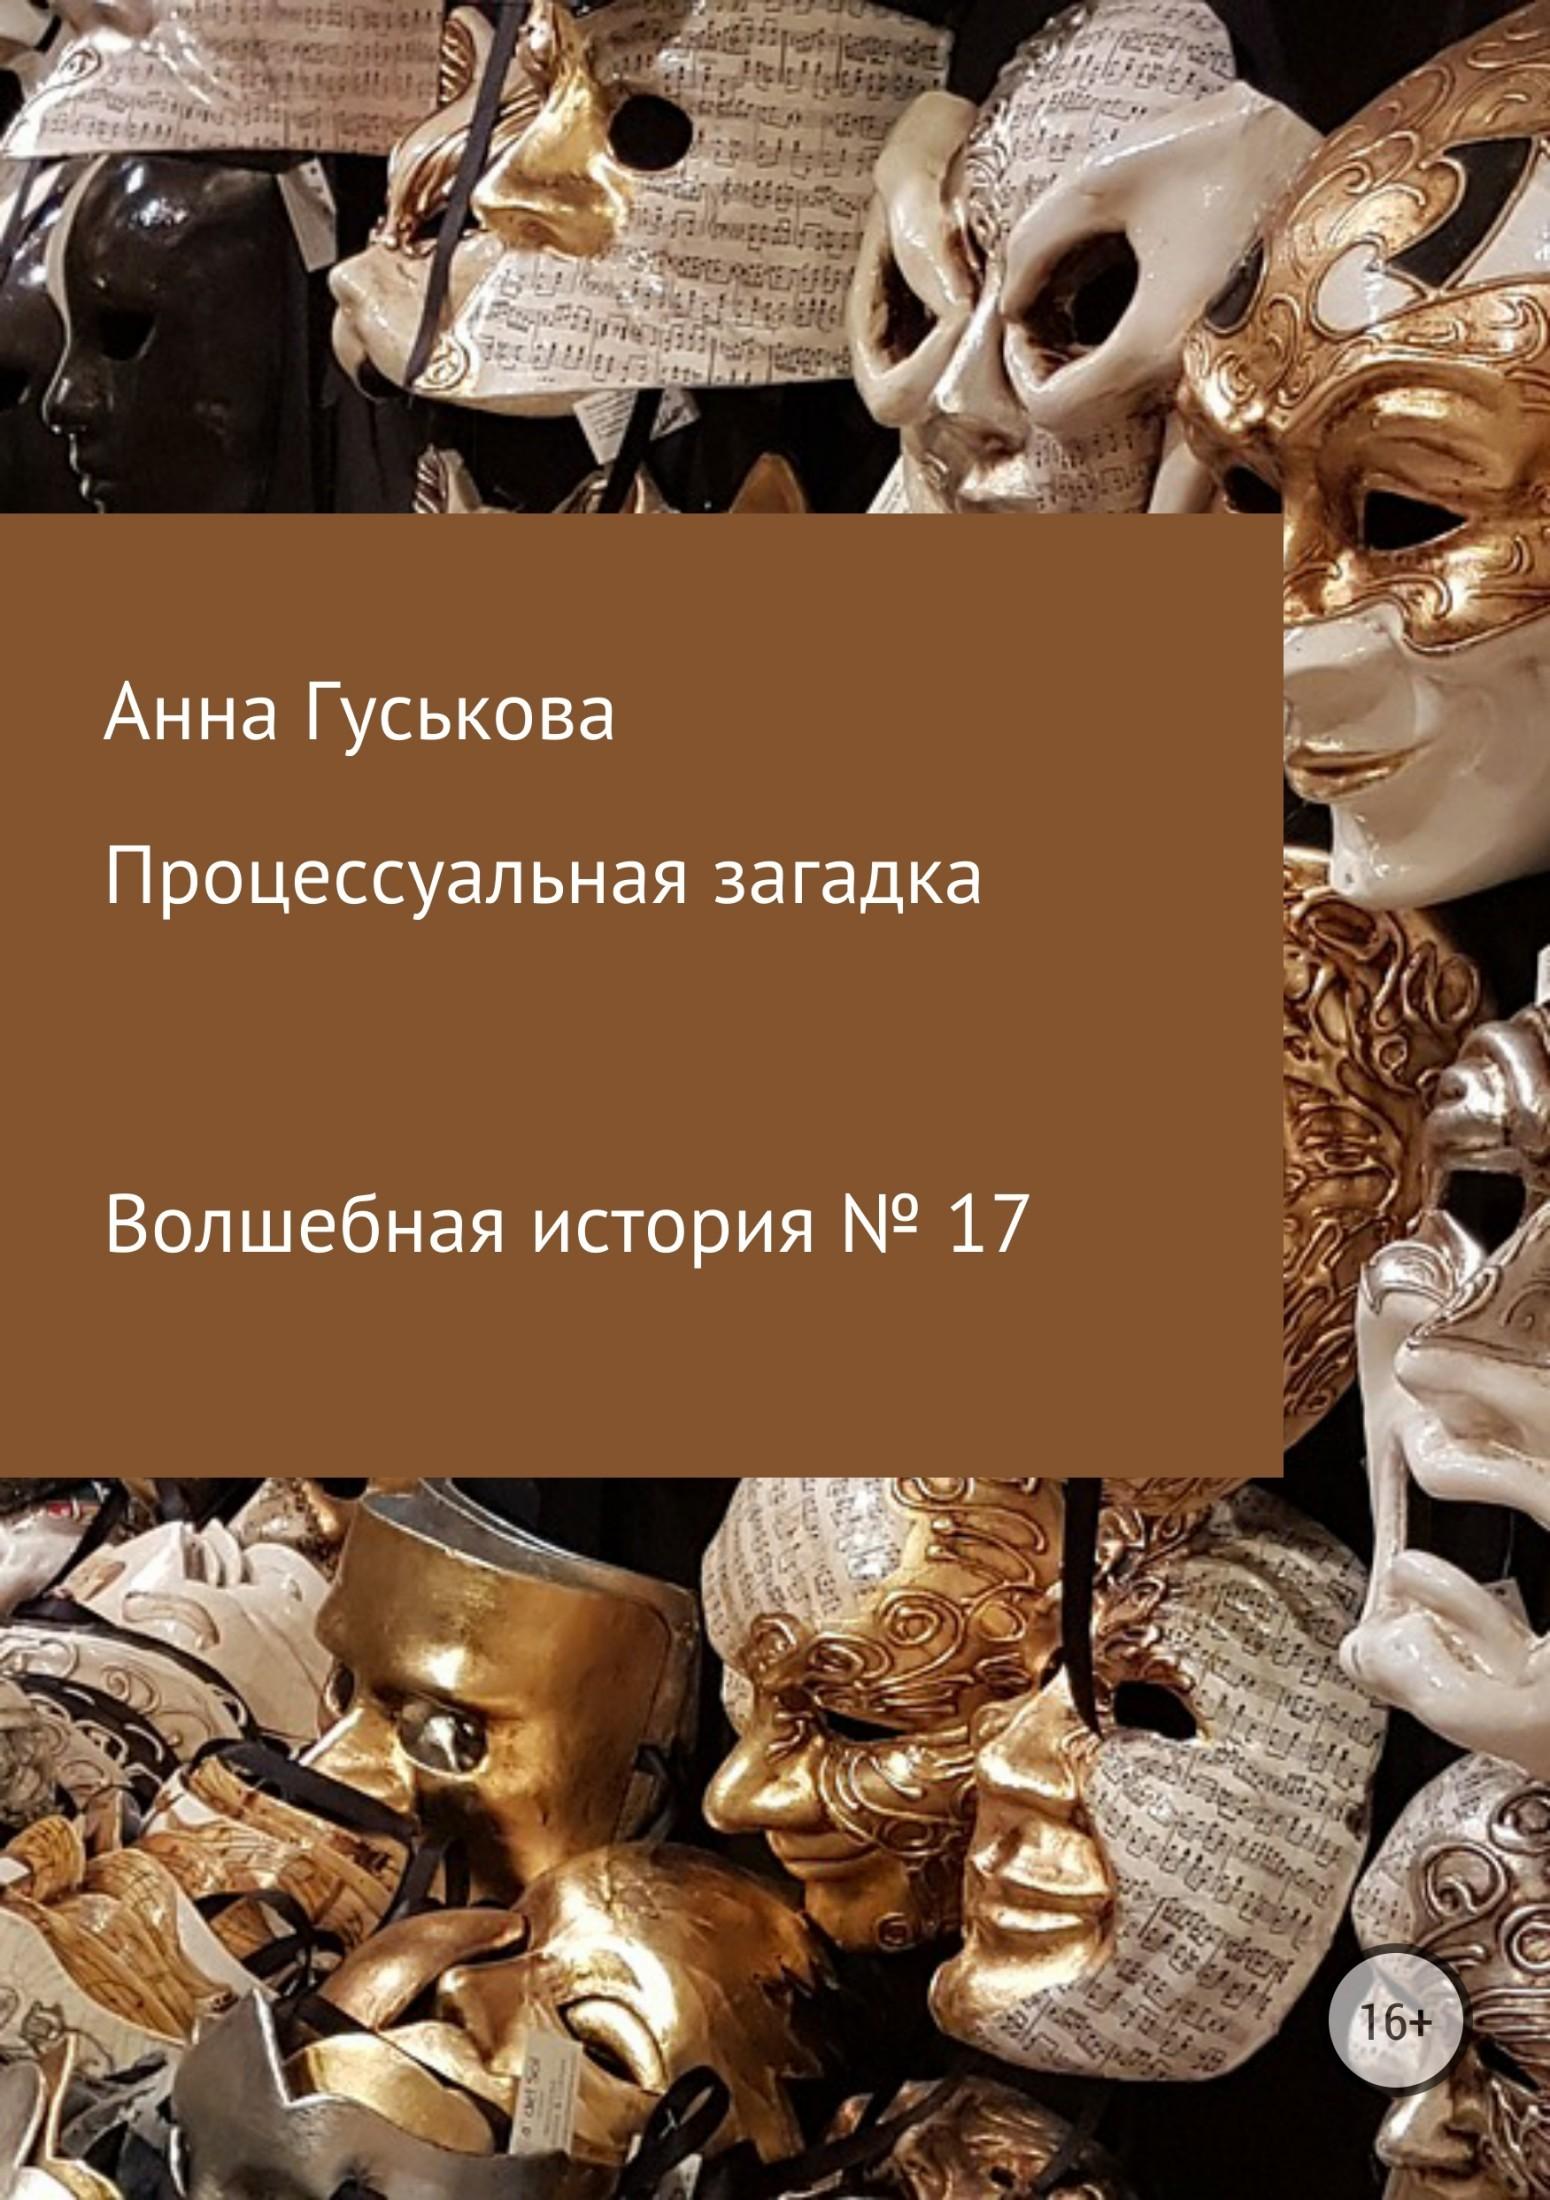 Волшебная история № 17. Процессуальная загадка